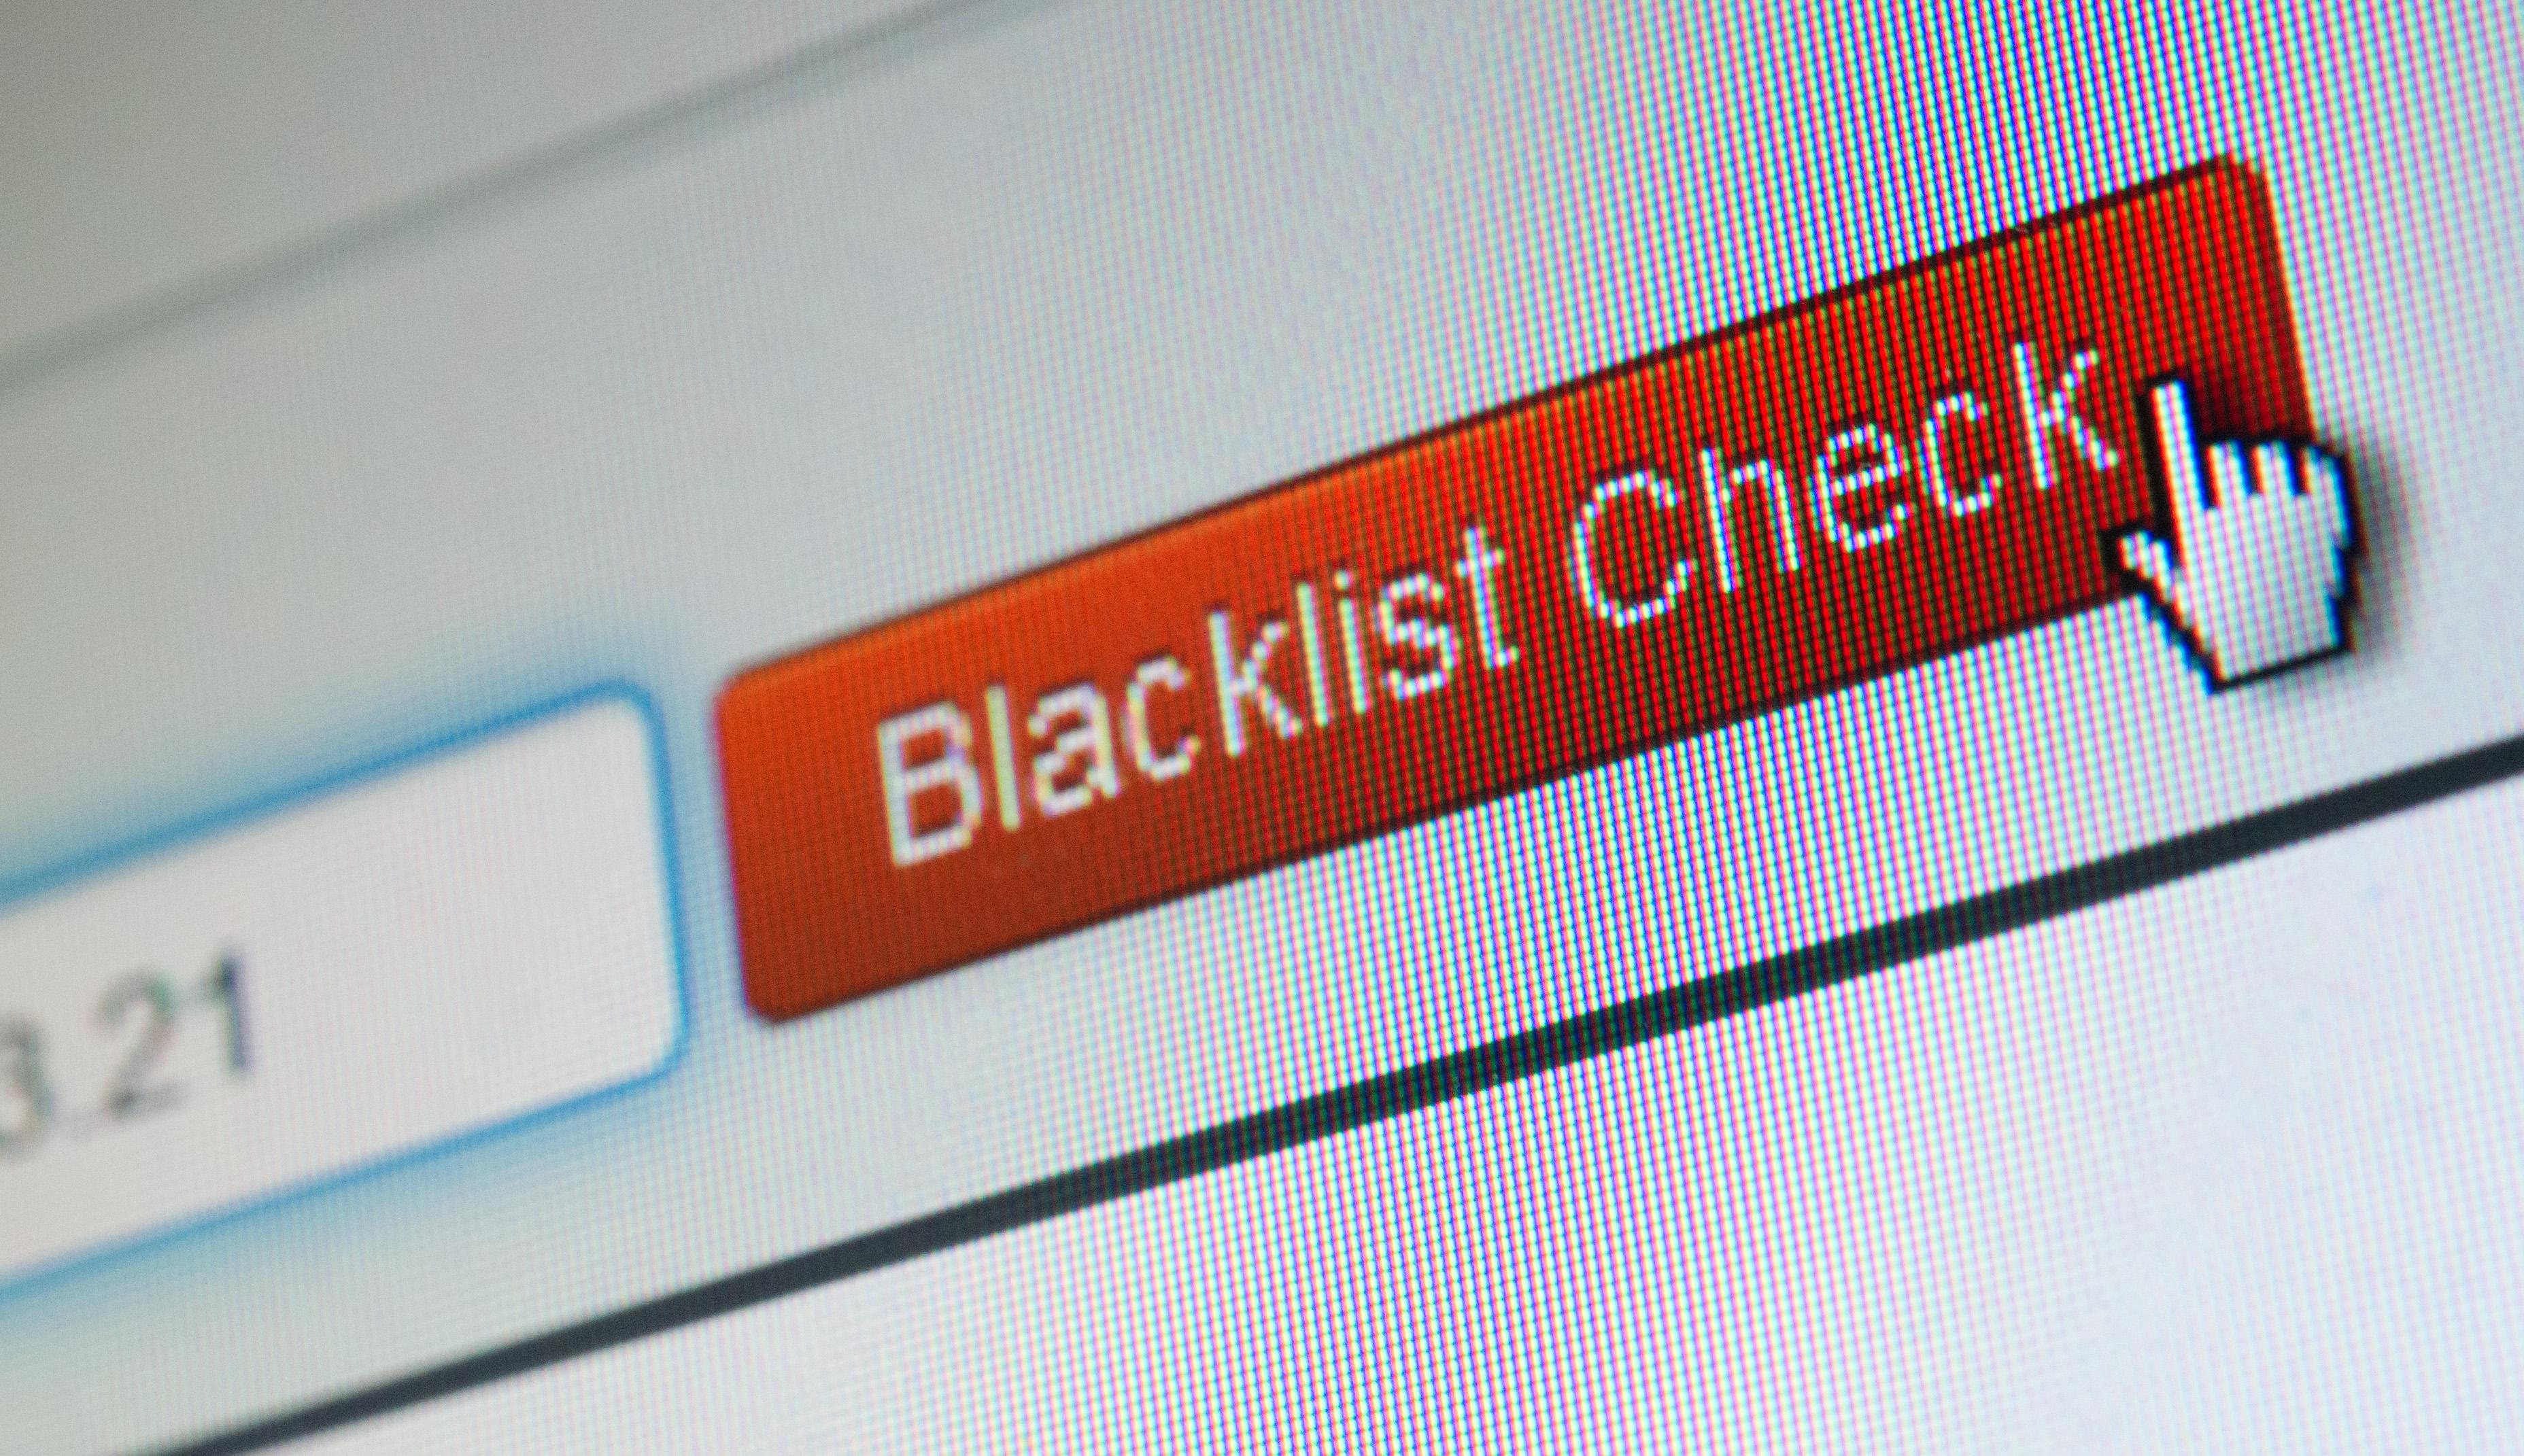 Una blacklist o lista negra puede ser usada para recolectar todas las direcciones que uno quiere bloquear. (Foto Prensa Libre: Andrea Warnecke/dpa-tmn).